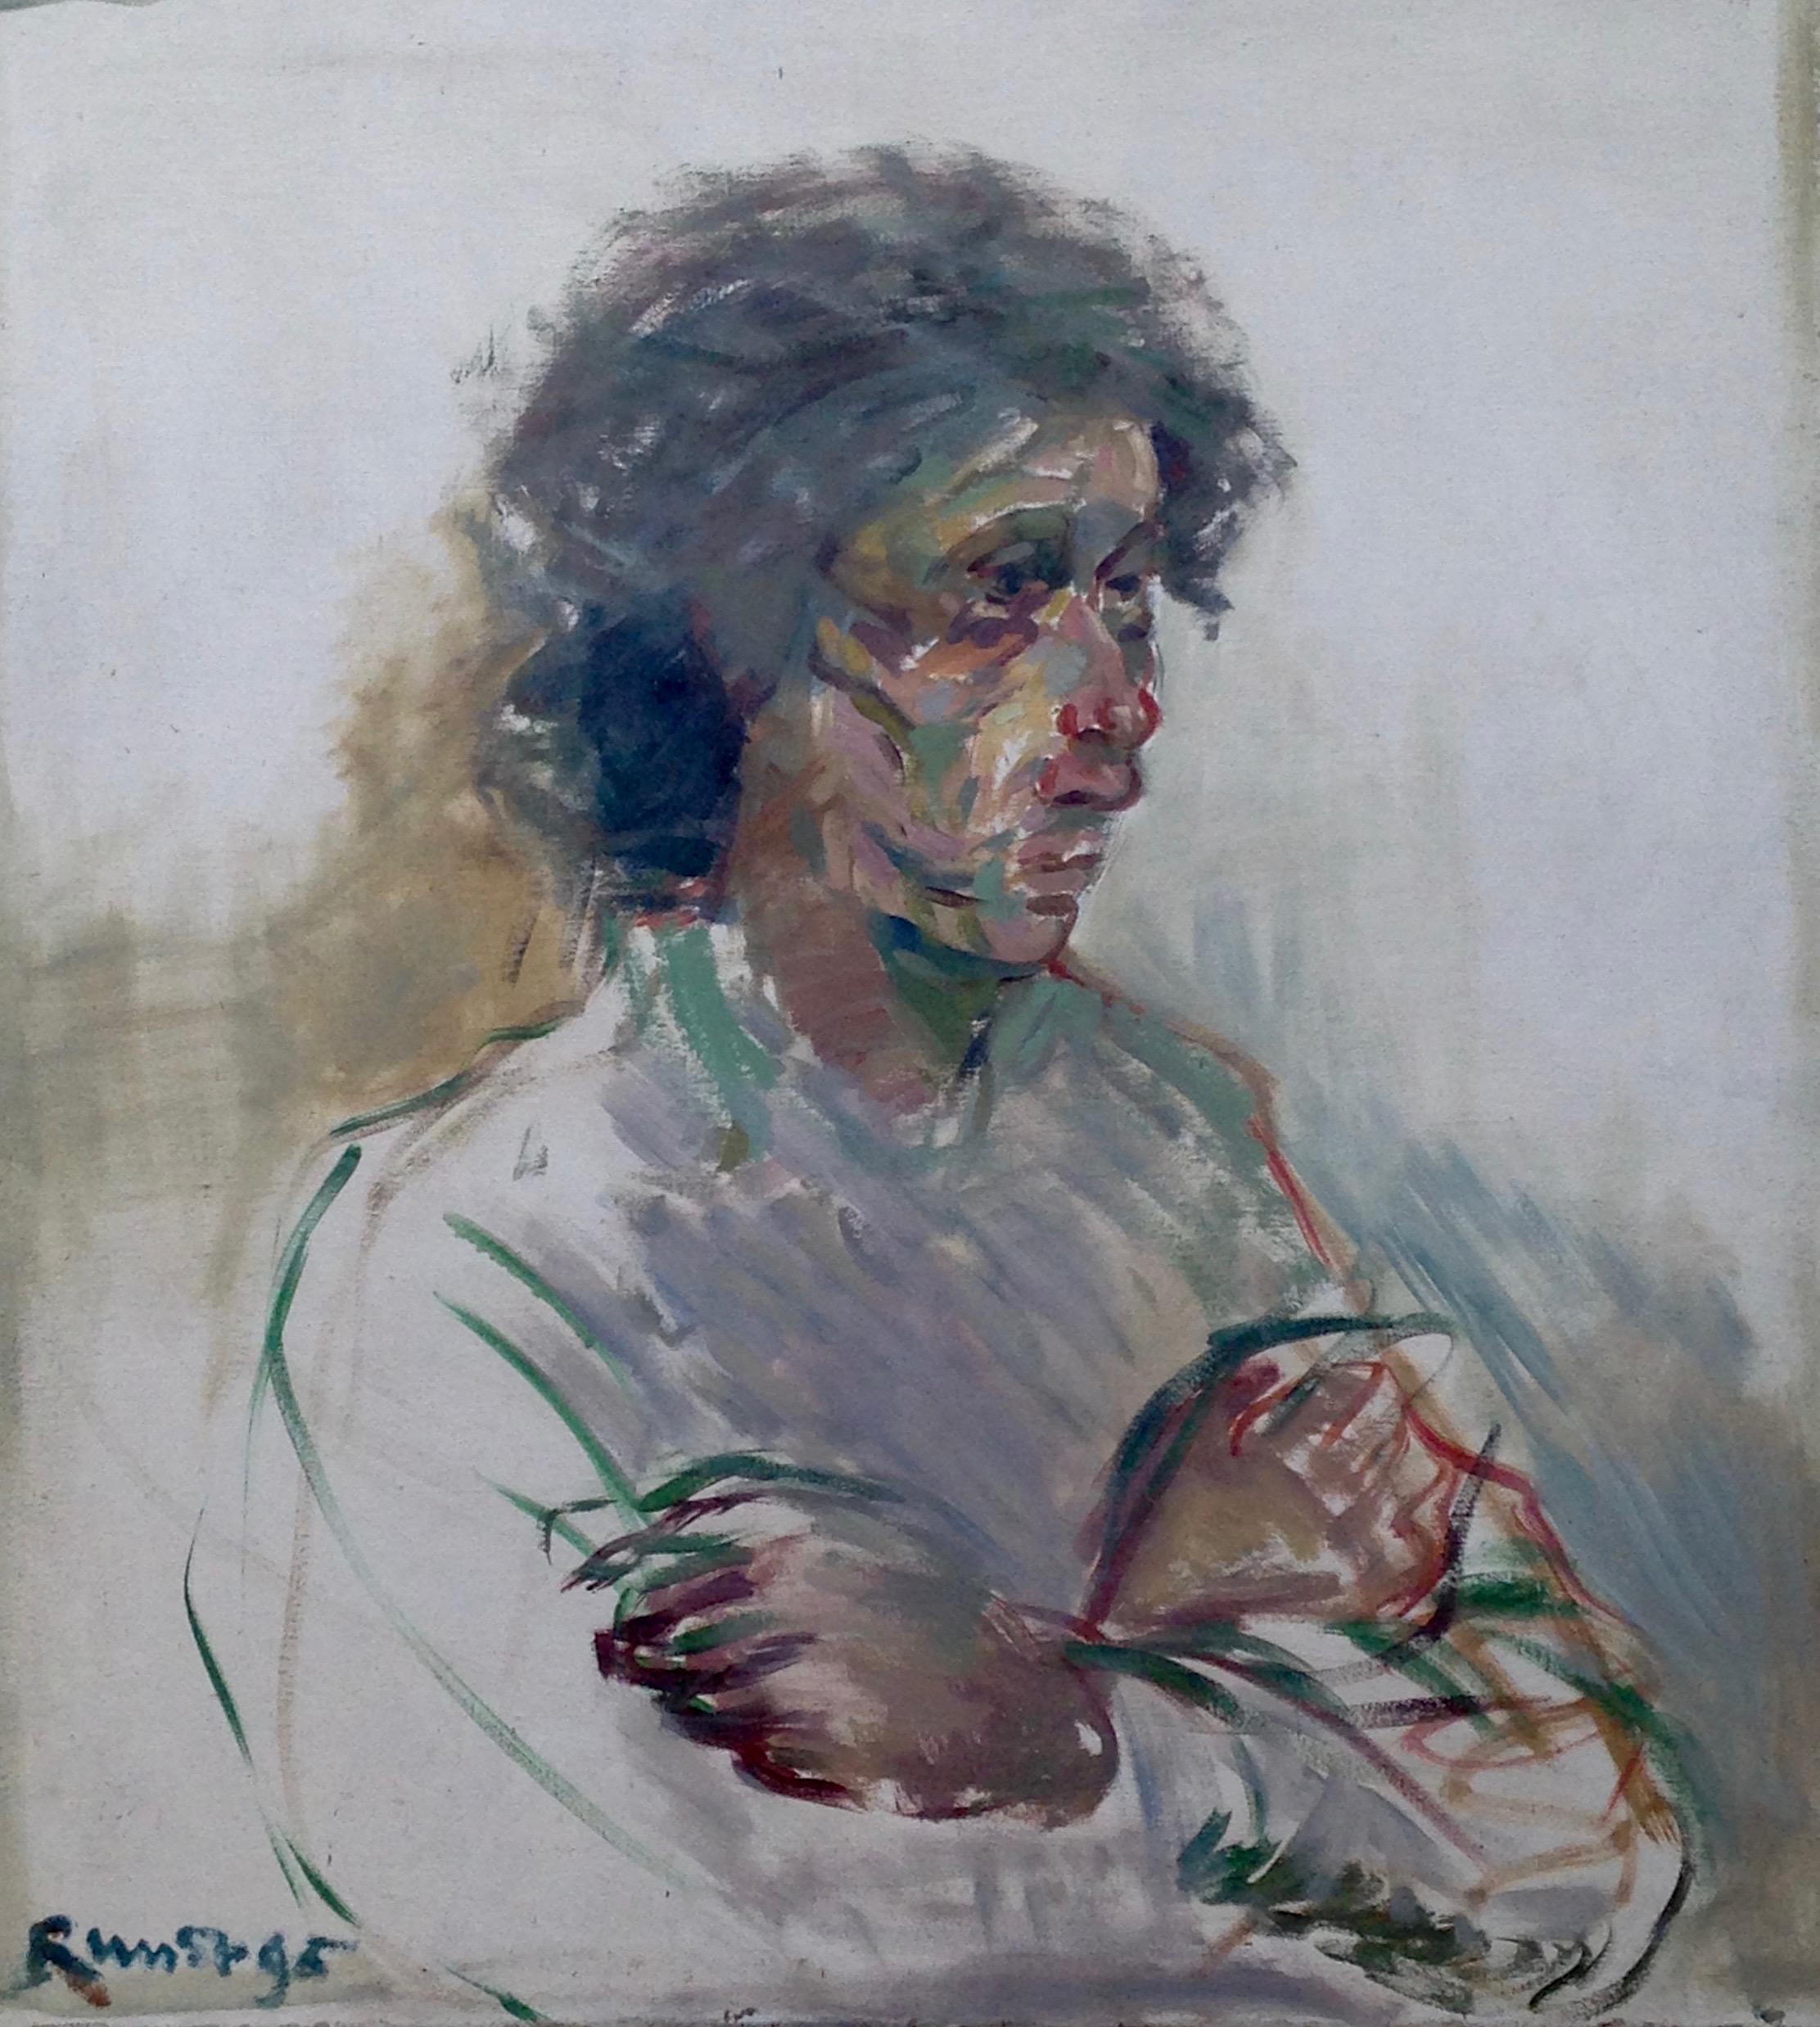 RITRATTO Christian W olio su tela 100x90 cm Francia venduto